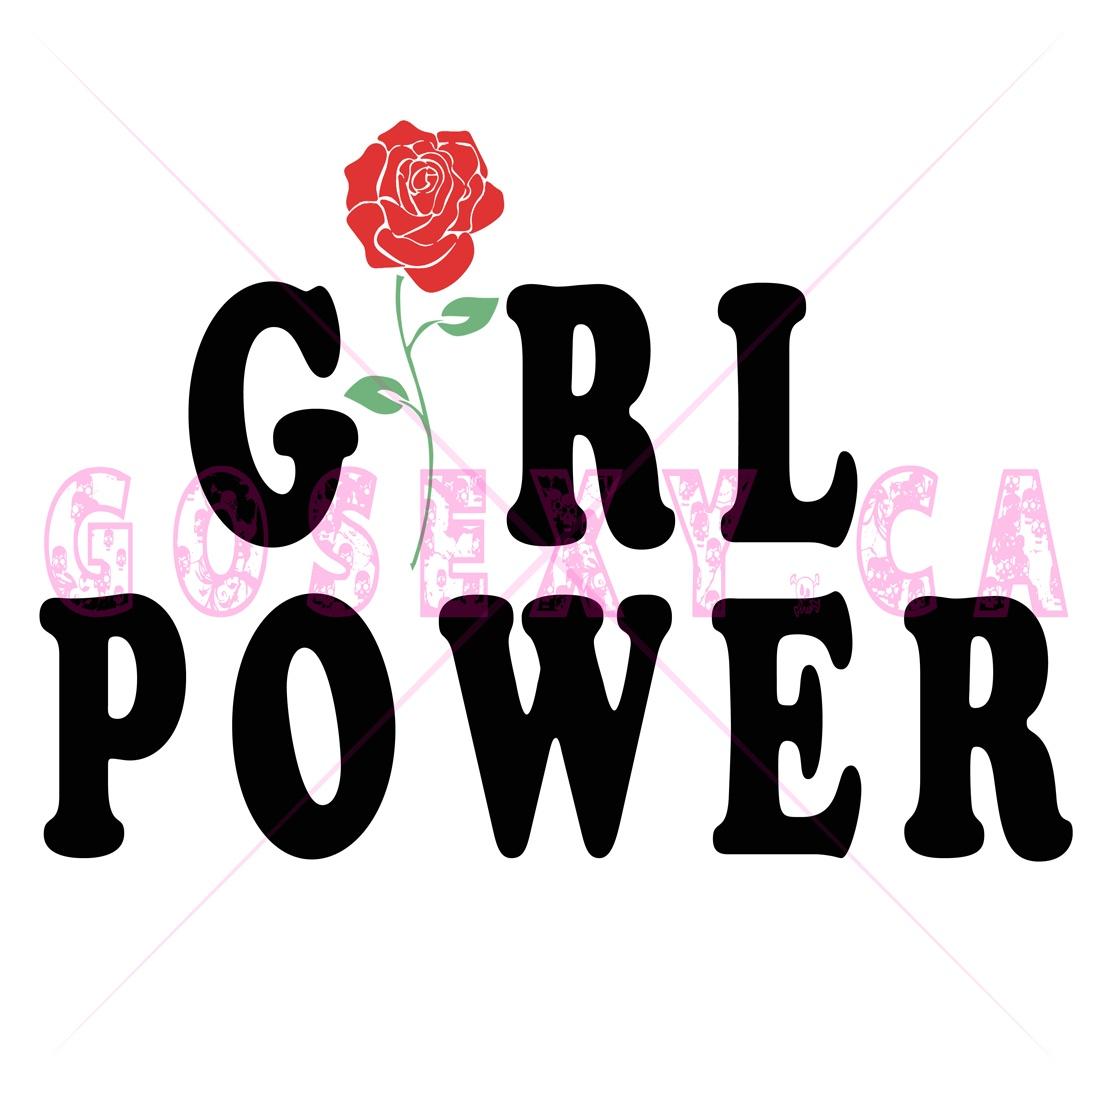 https://0901.nccdn.net/4_2/000/000/011/8a9/girl-power-1100x1100.jpg